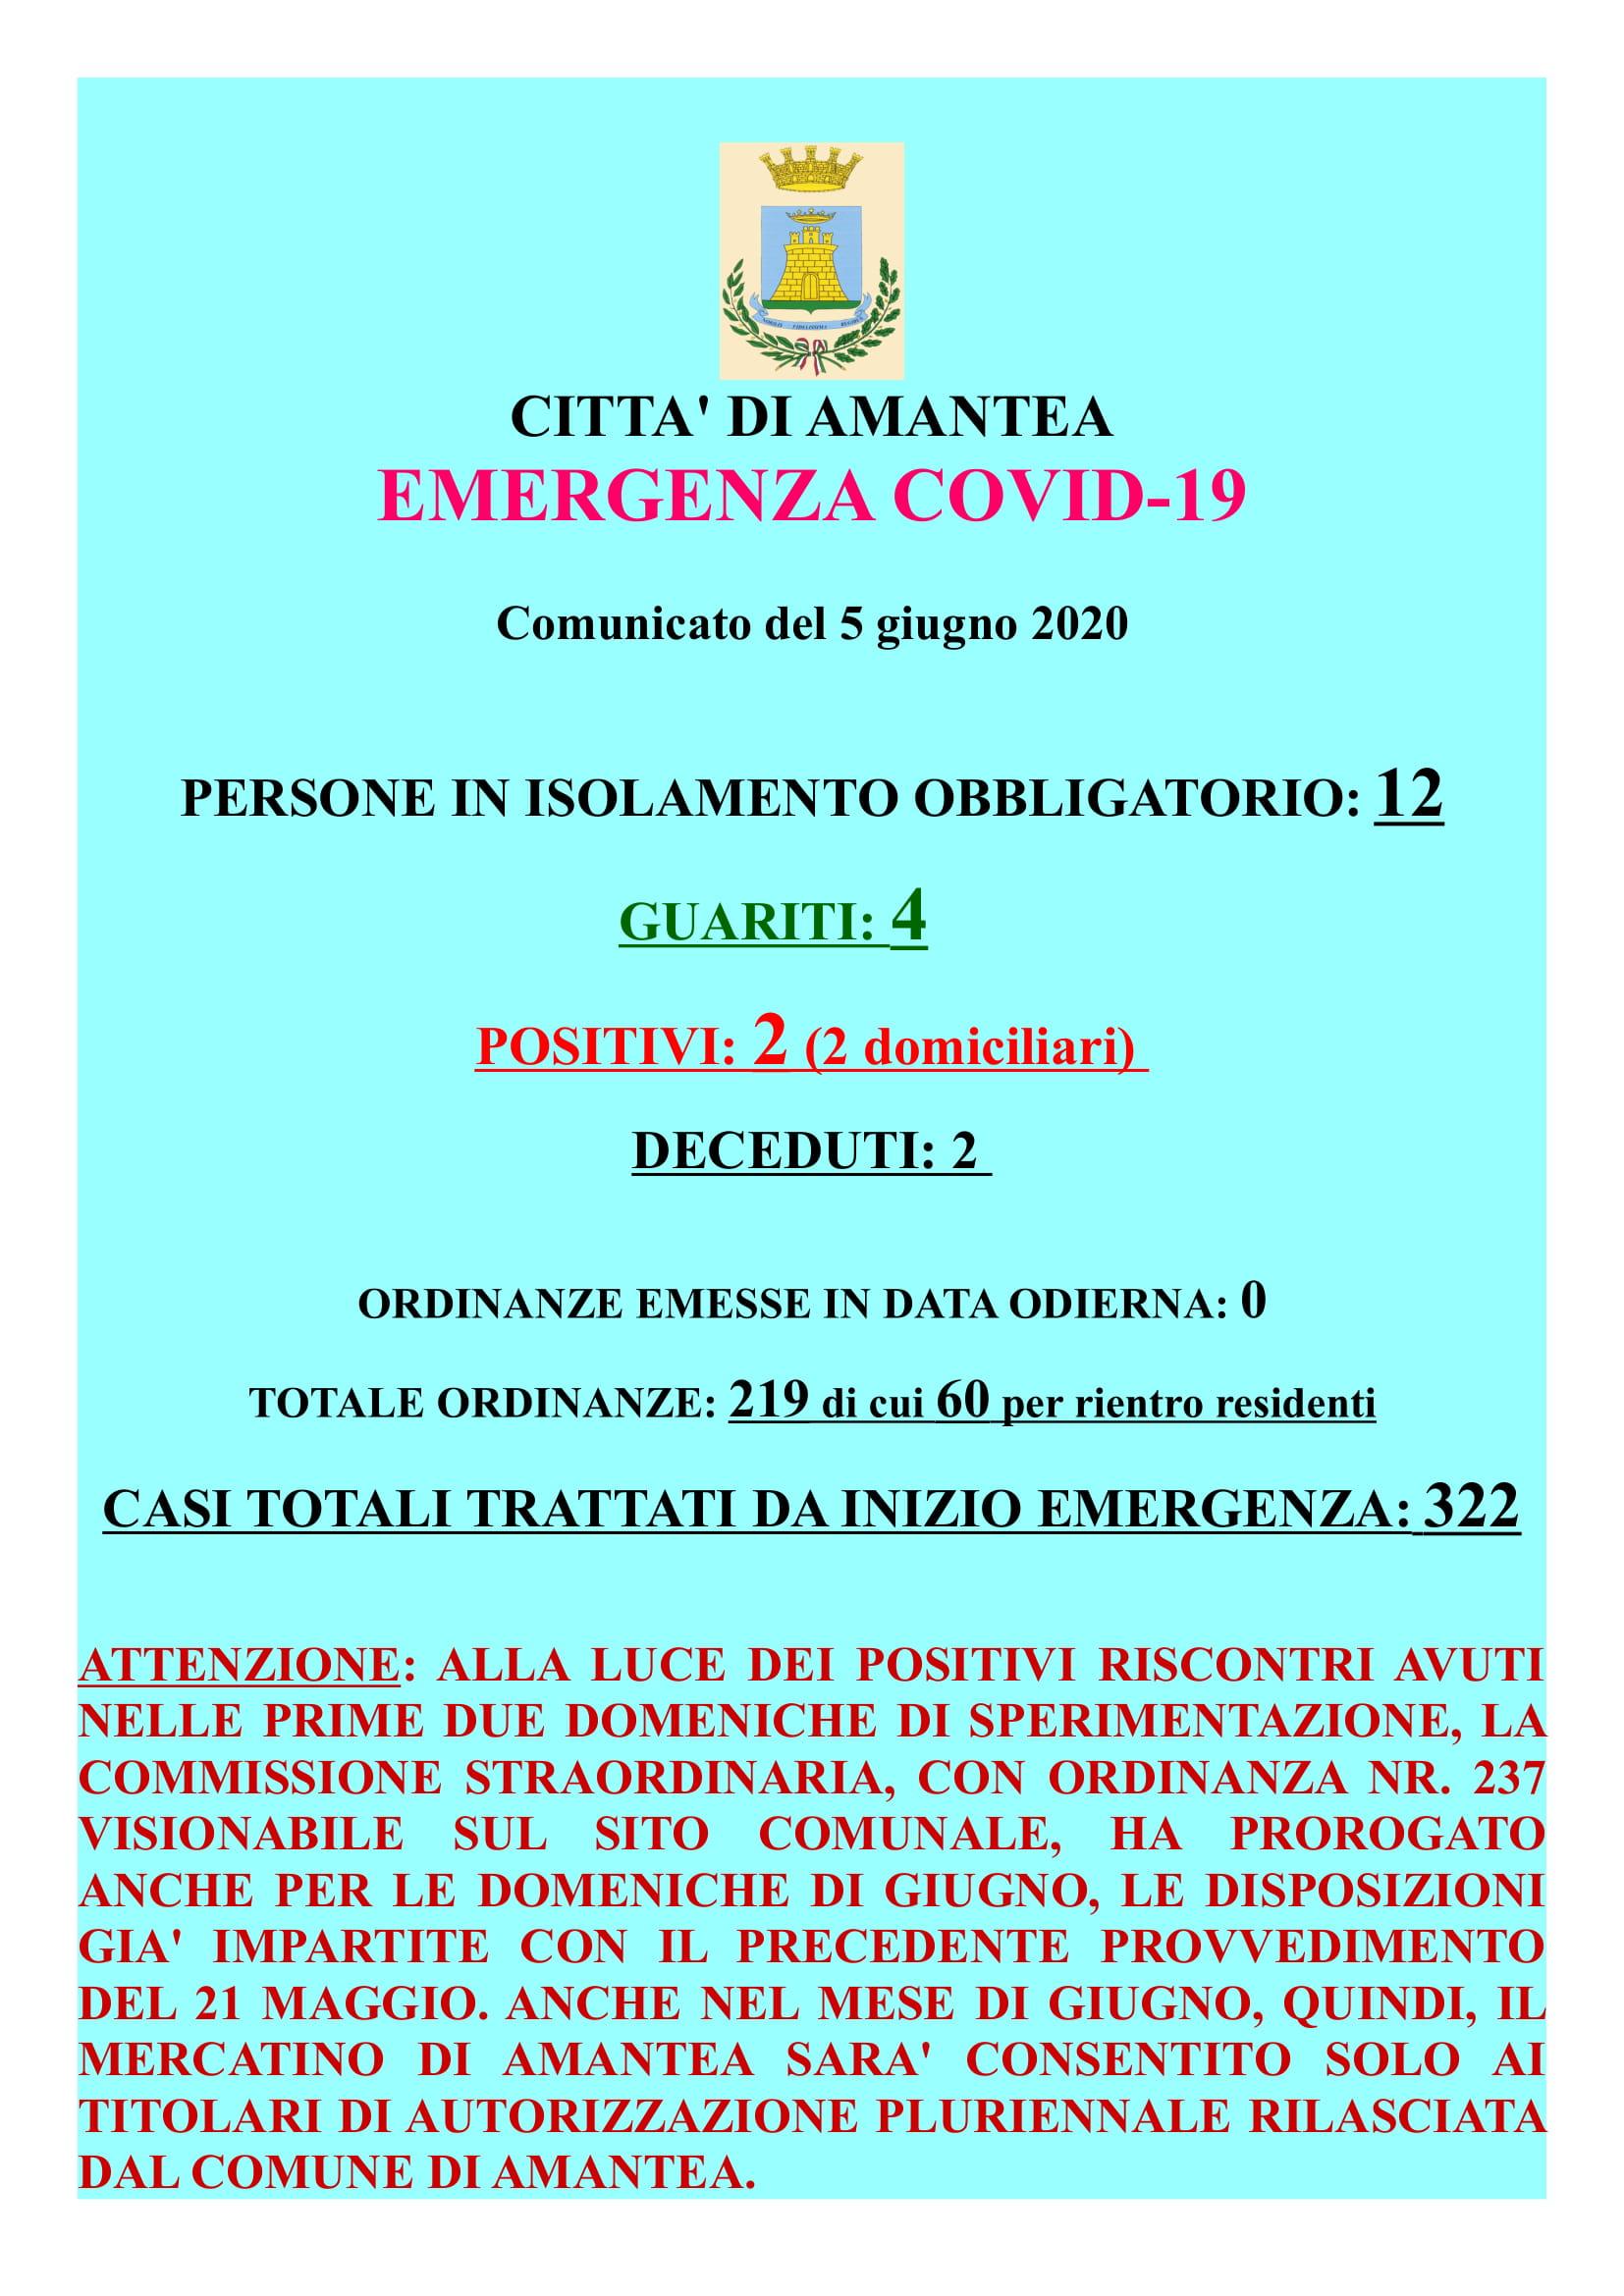 EMERGENZA COVID-19 Comunicato del 05 giugno 2020